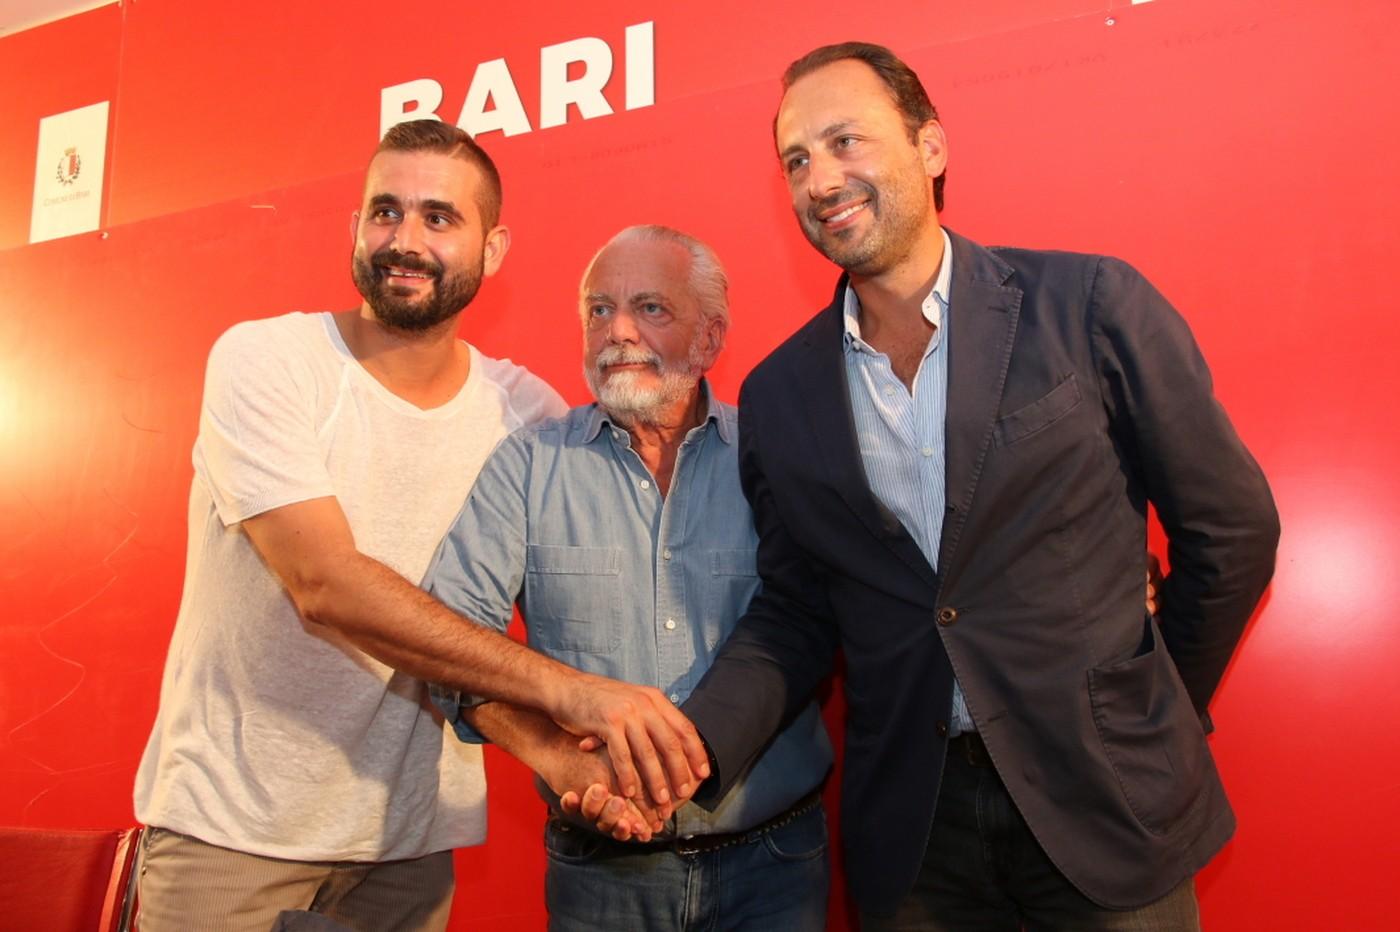 Donato Fasano/LaPresse LaPresse/